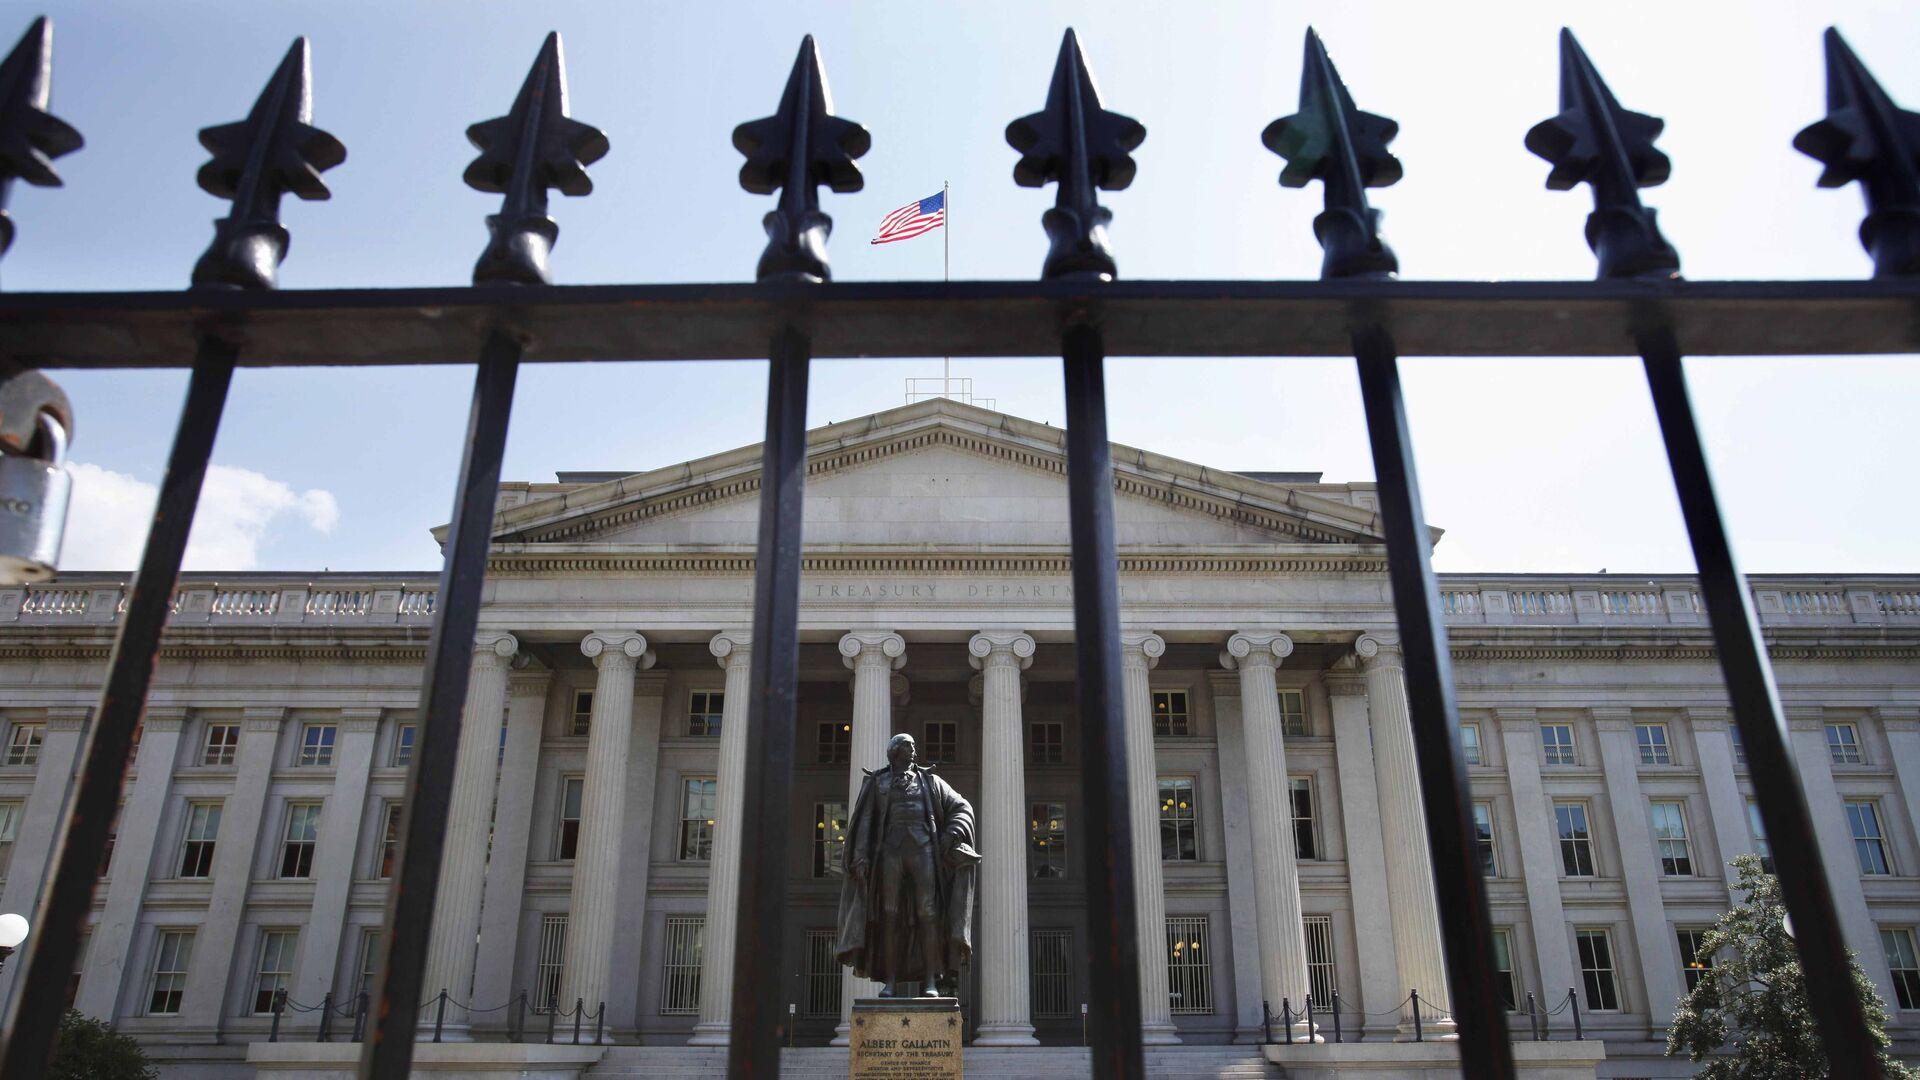 Здание Министерства финансов США в Вашингтоне - РИА Новости, 1920, 10.09.2020